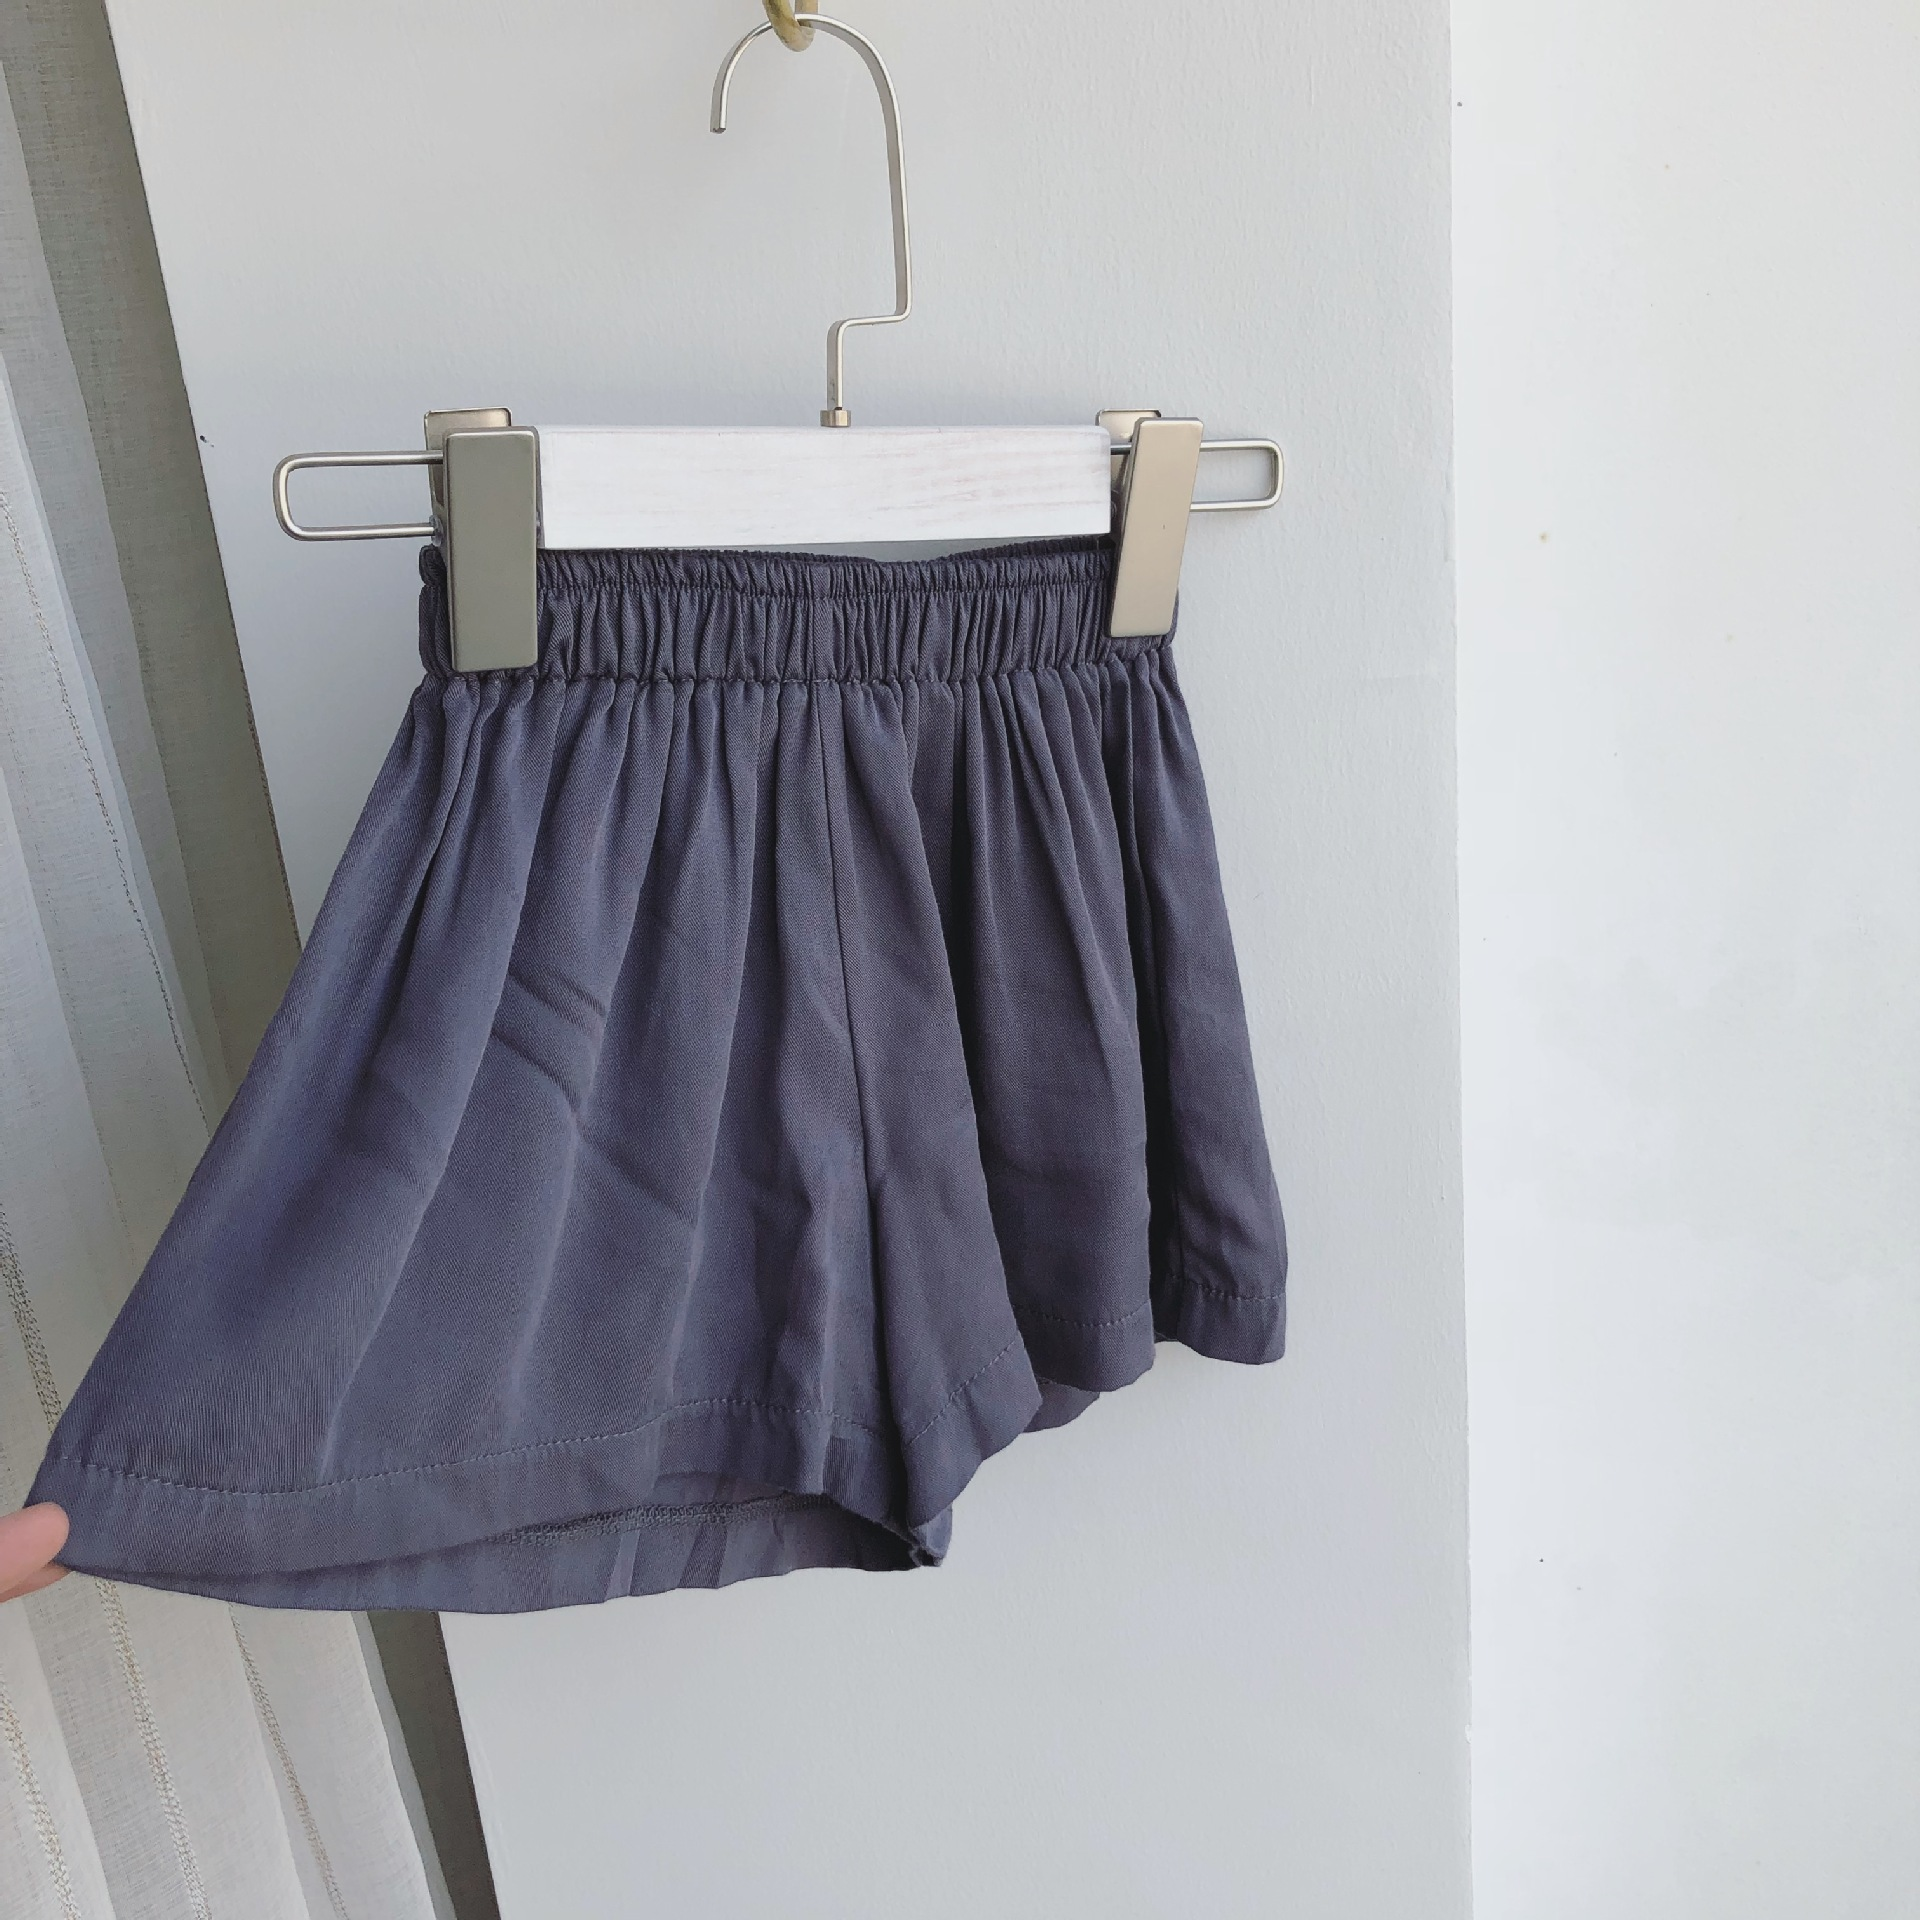 Spodnie letnie Szerokie spodnie dla dzieci Spodnie dla dzieci Ubrania - Ubrania dziecięce - Zdjęcie 3